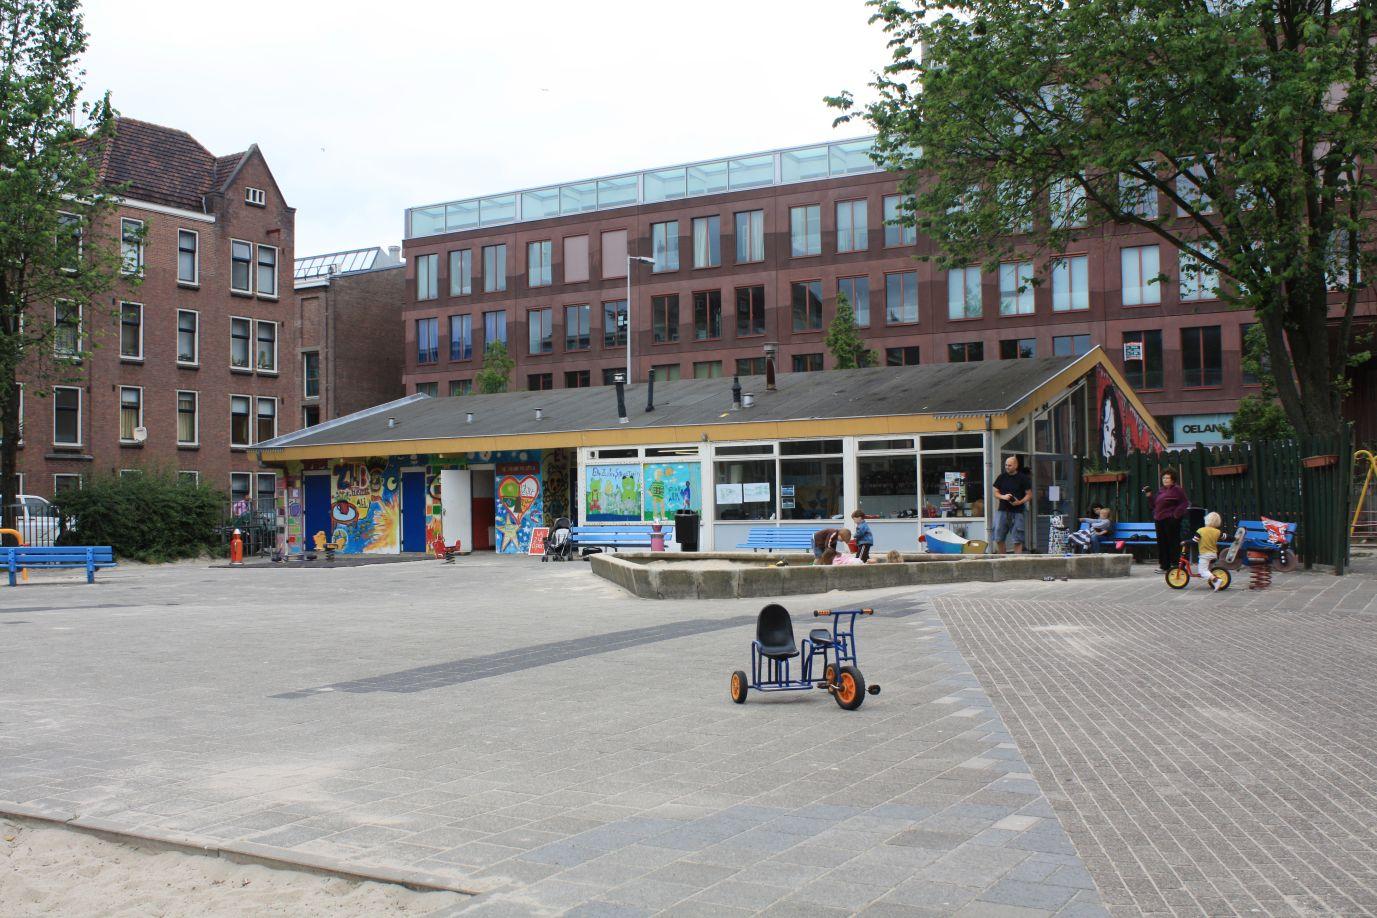 Speeltuingebouw Barentzplein – Oude situatie